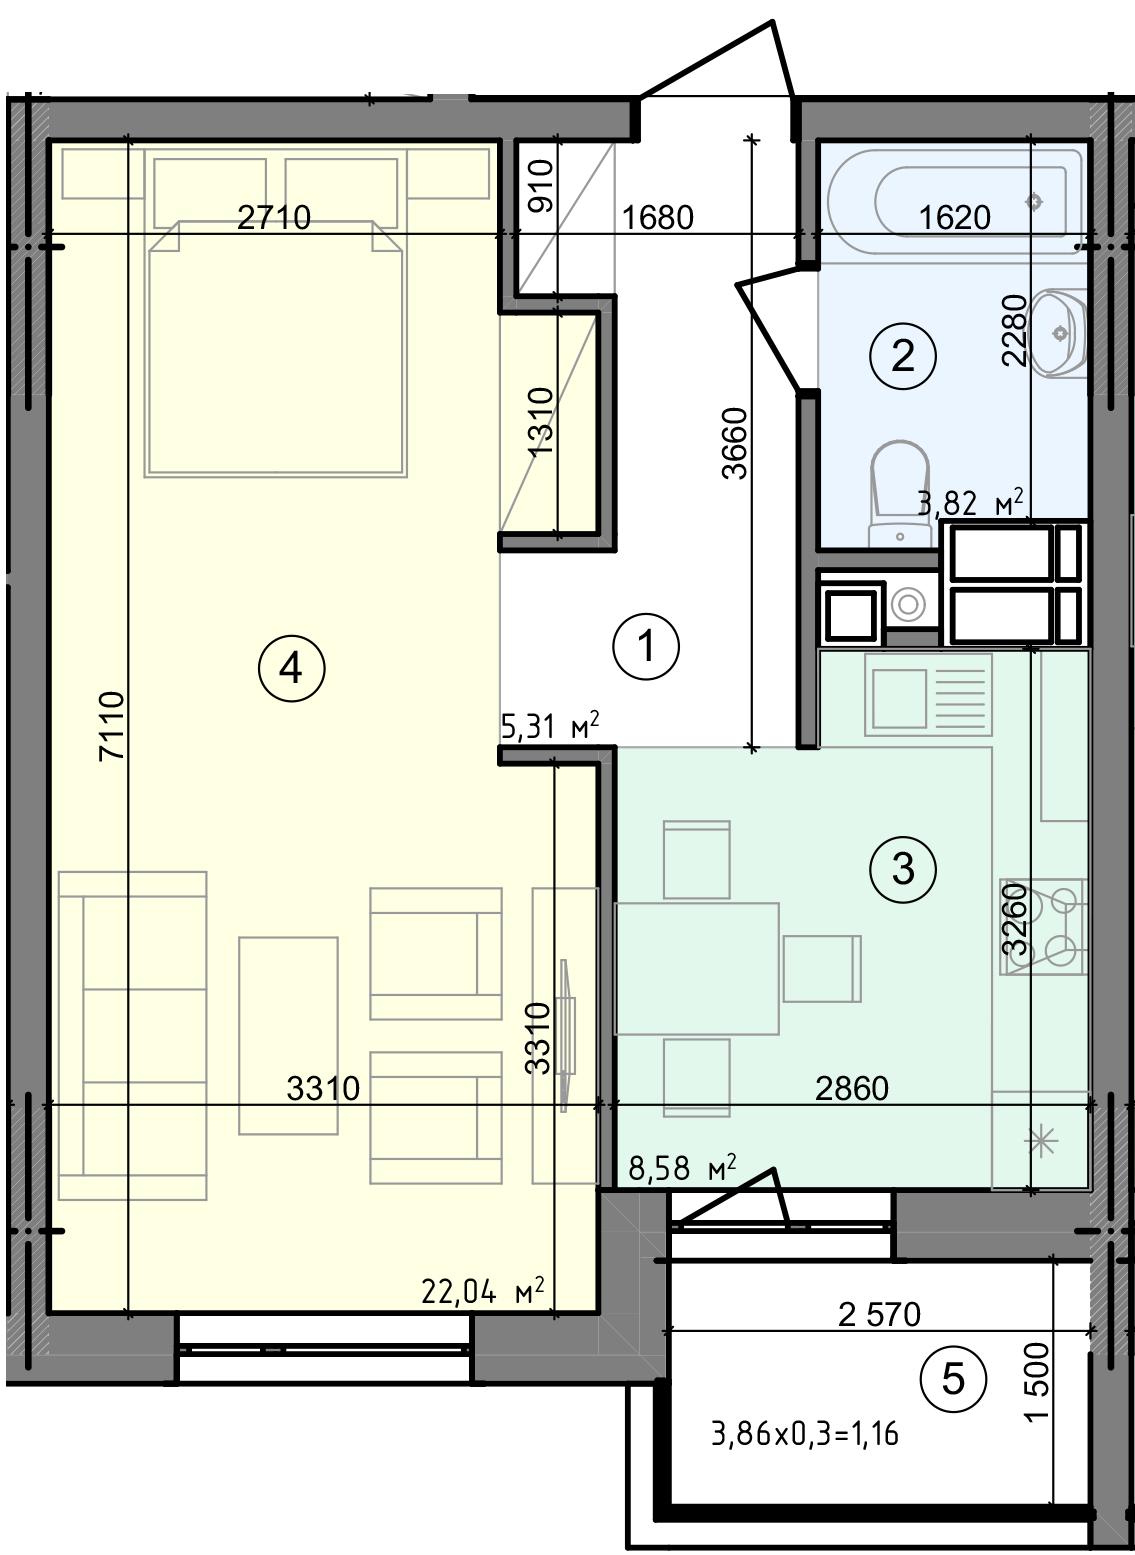 Купить Однокомнатная квартира 40,91 кв.м., тип 1.3, дом 3 секция 1 в Киеве Голосеевский район